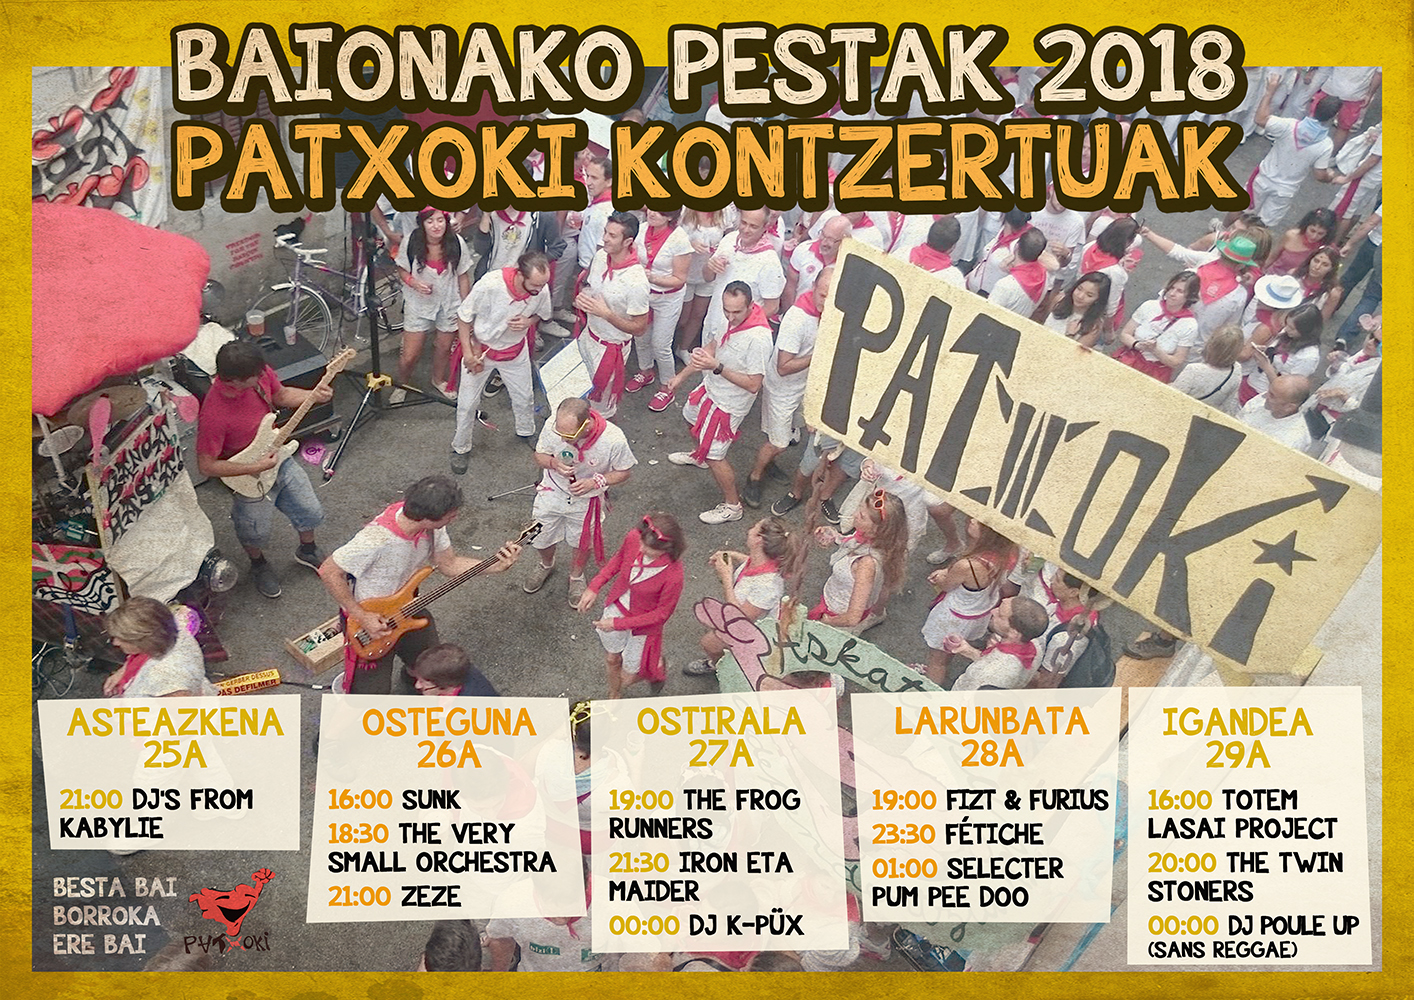 baionakobestak-patxokikontzertuak-2018